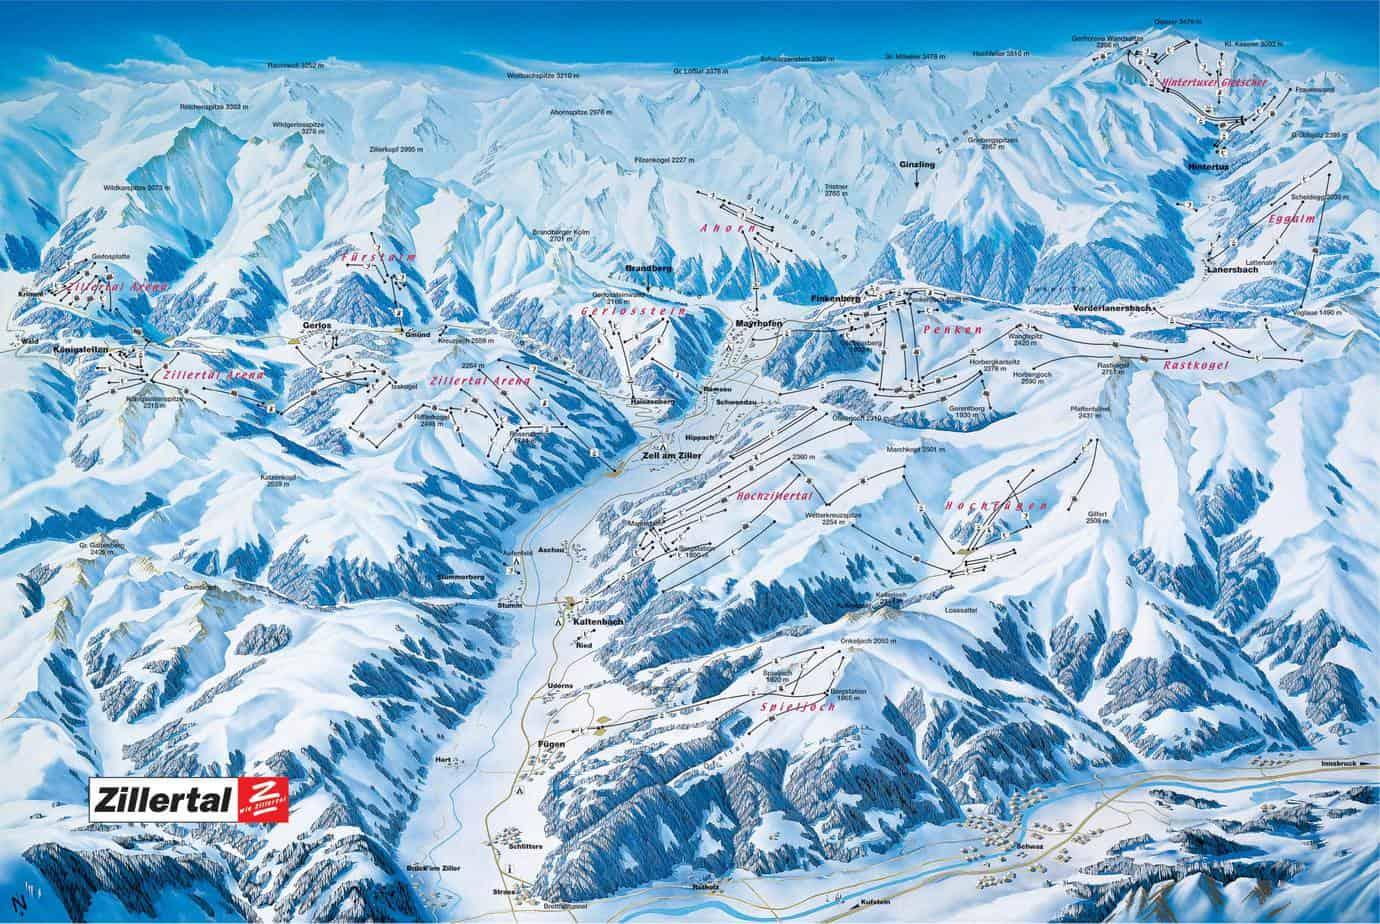 Het dal Zillertal